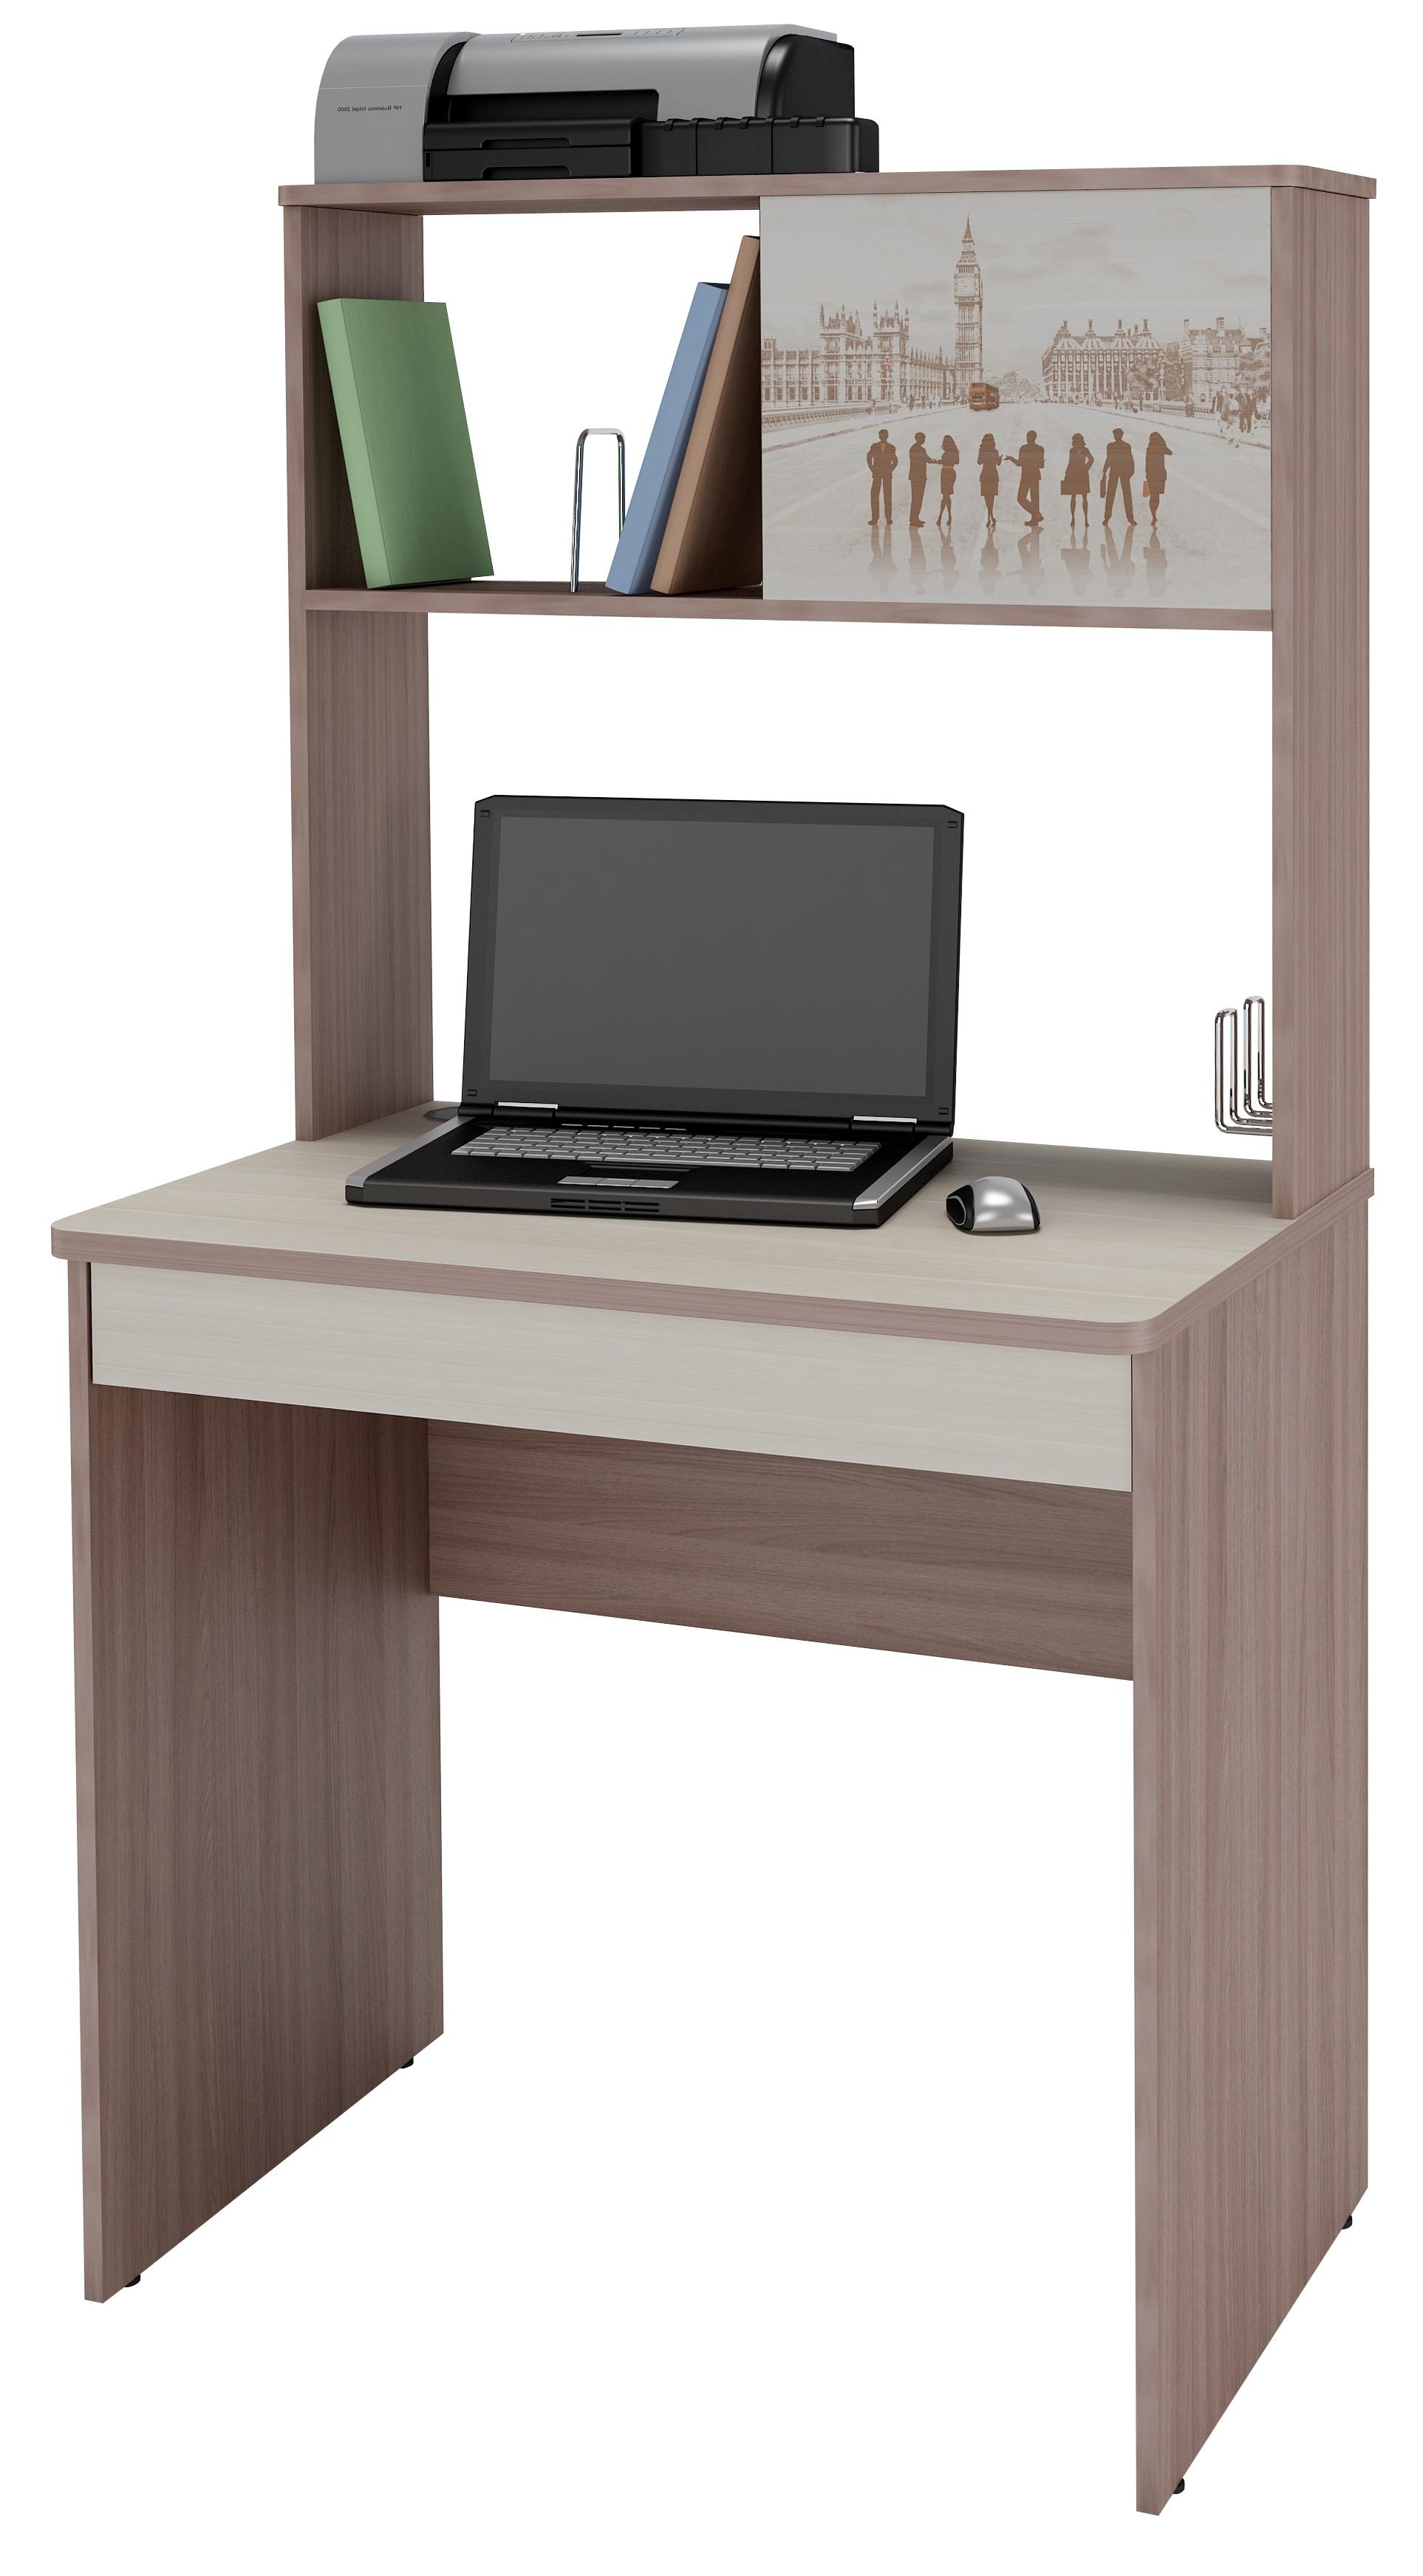 Компьютерный стол с полками орион-5.10 витра купить в москве.